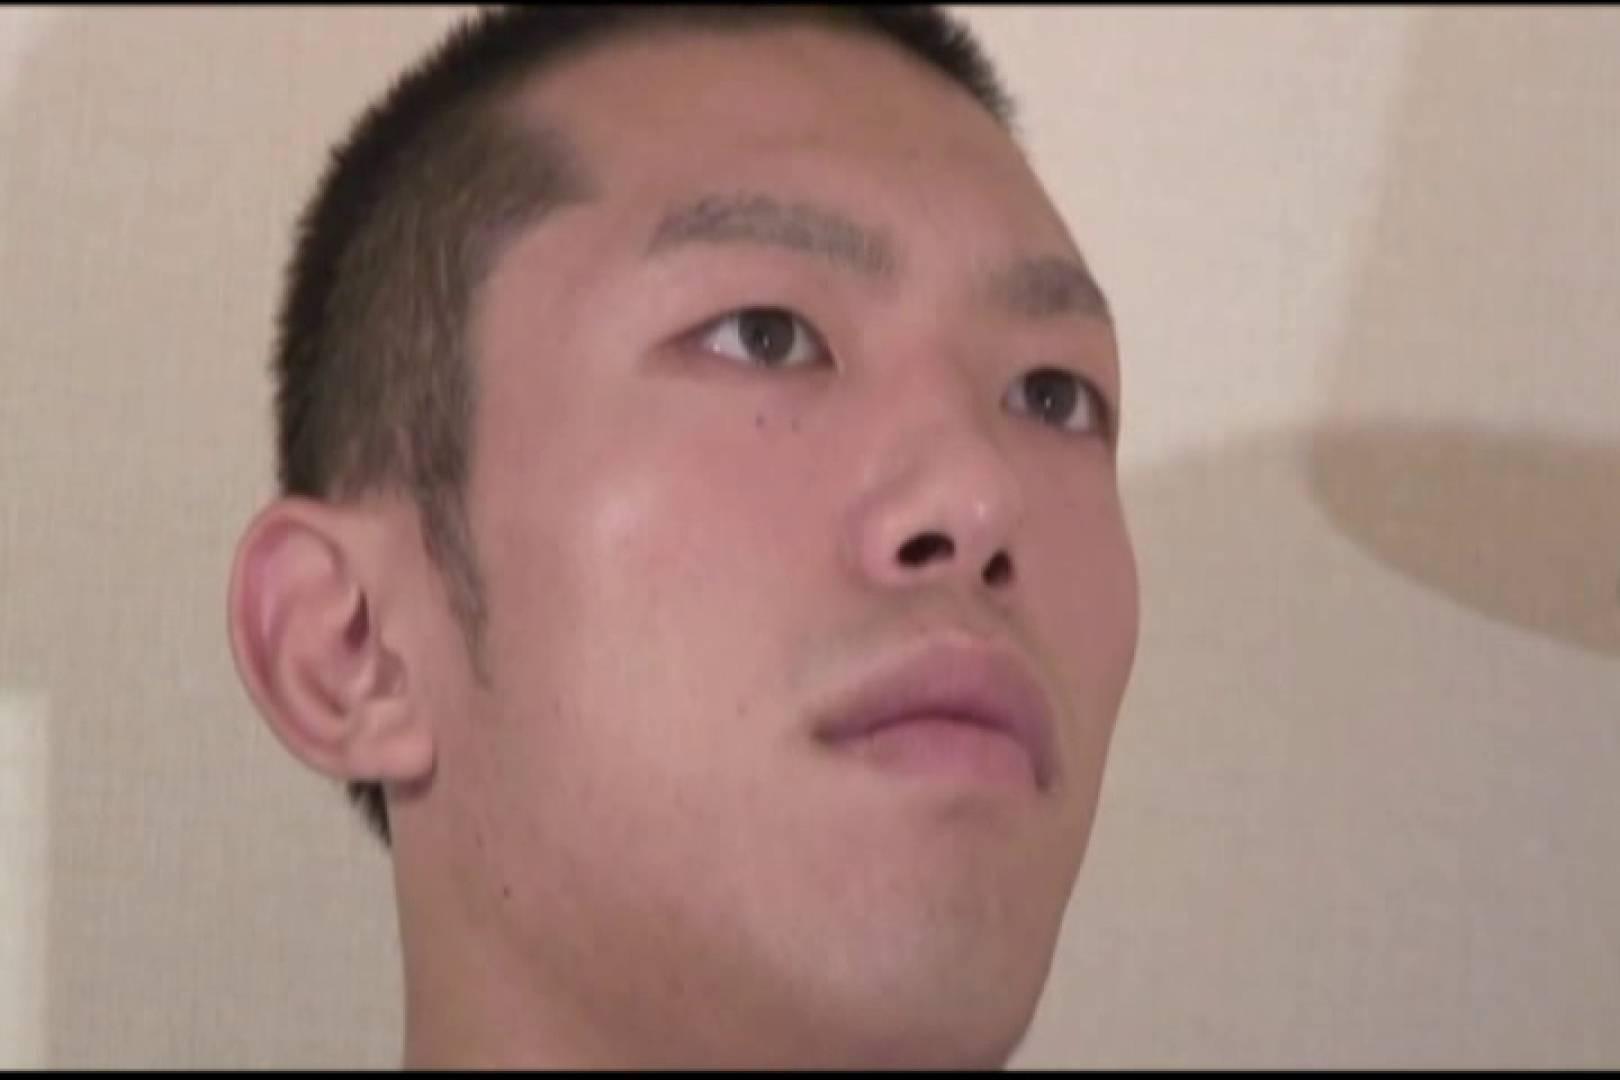 アナPさん投稿!目がパッチリなイケメンサル系男子の昇天劇。 ノンケのオナニー ゲイ丸見え画像 66連発 43